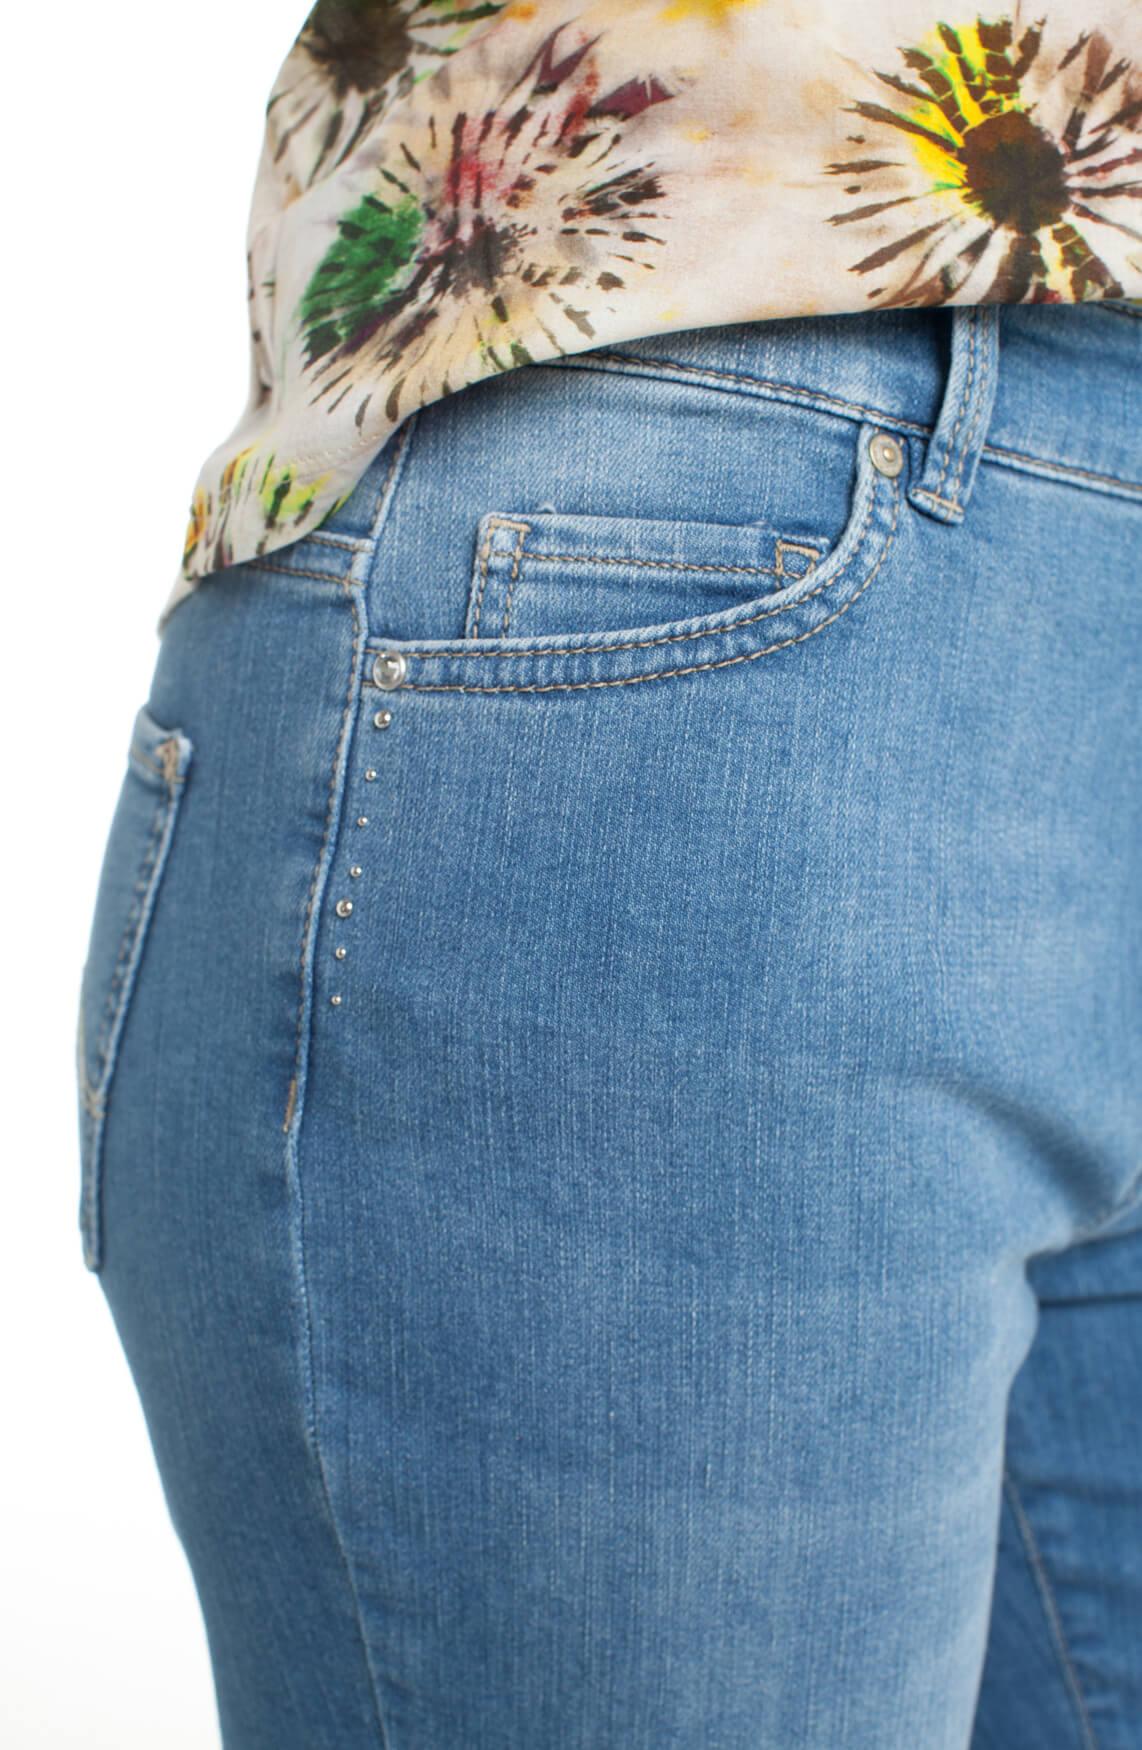 Rosner Dames Audrey jeans met studs Blauw